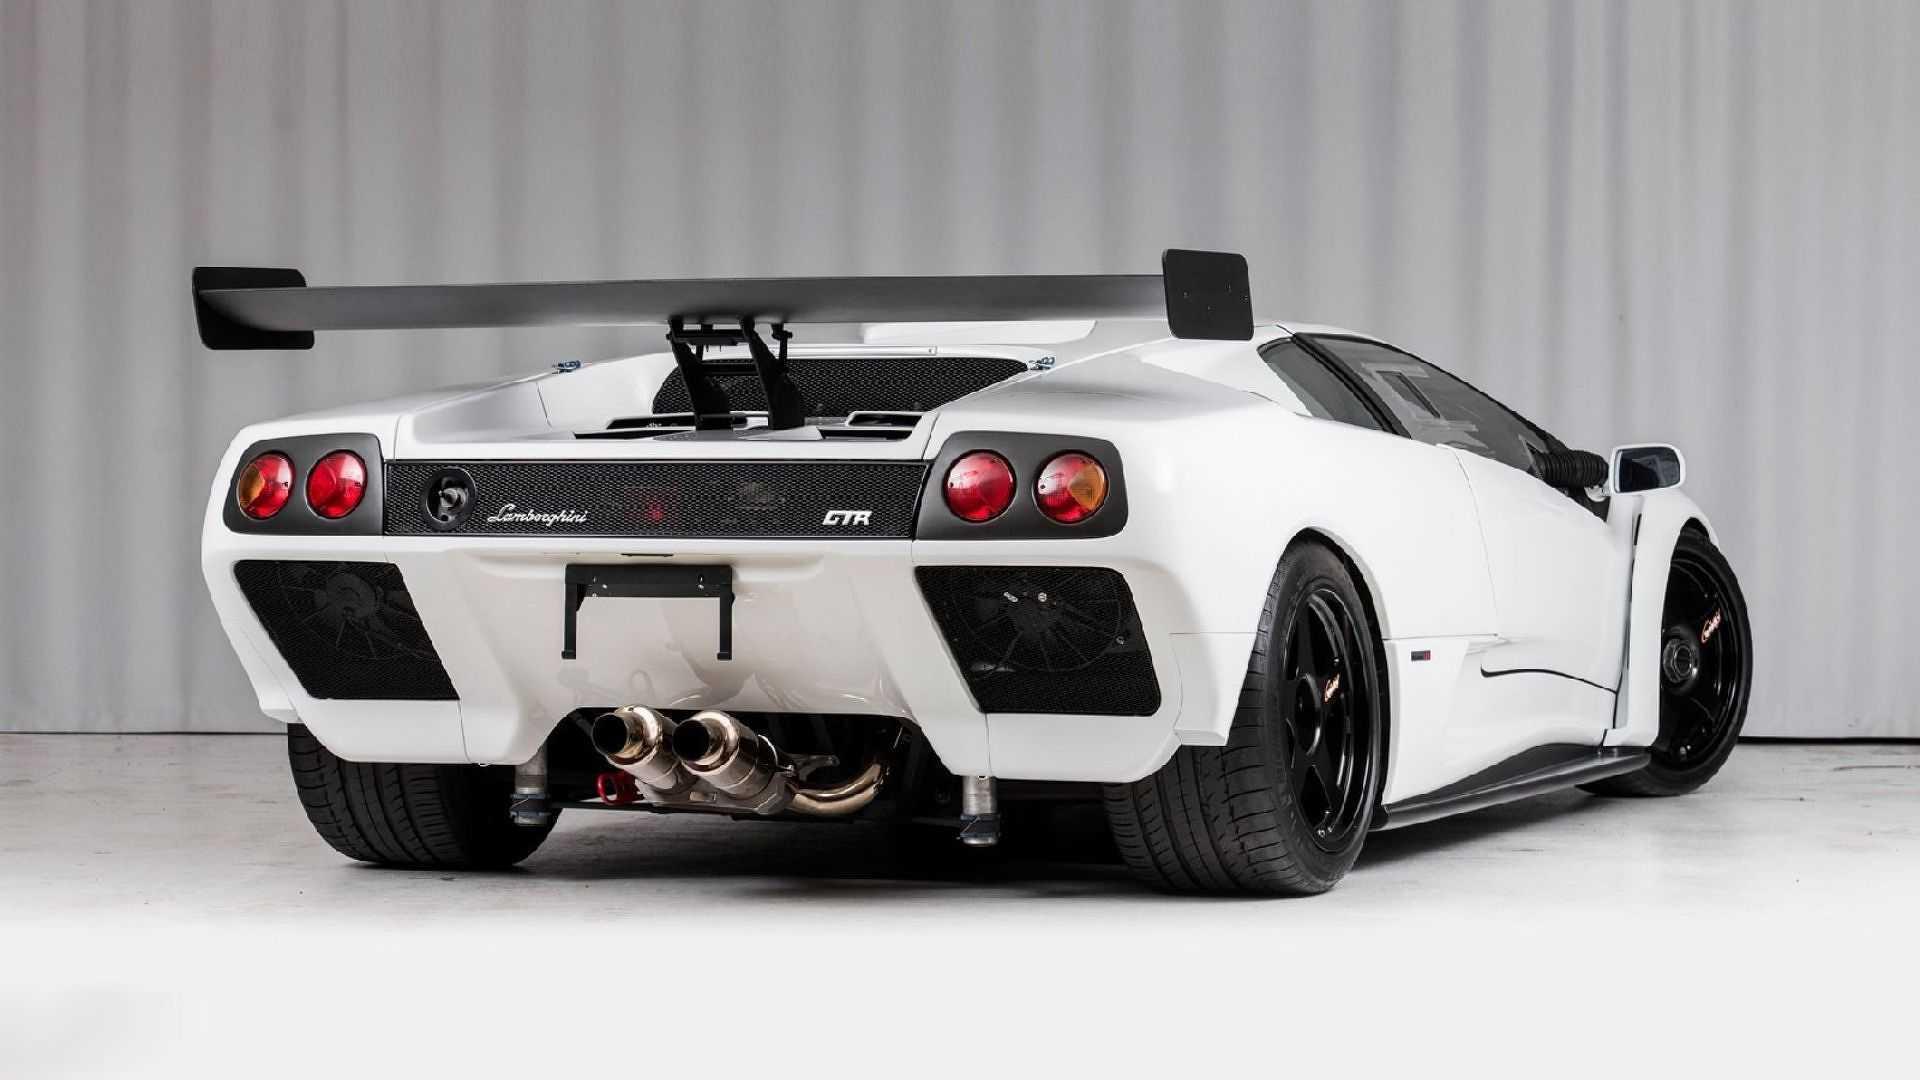 590 Hp Lamborghini Diablo Gtr Is A Rare Bull Seeking New Pasture